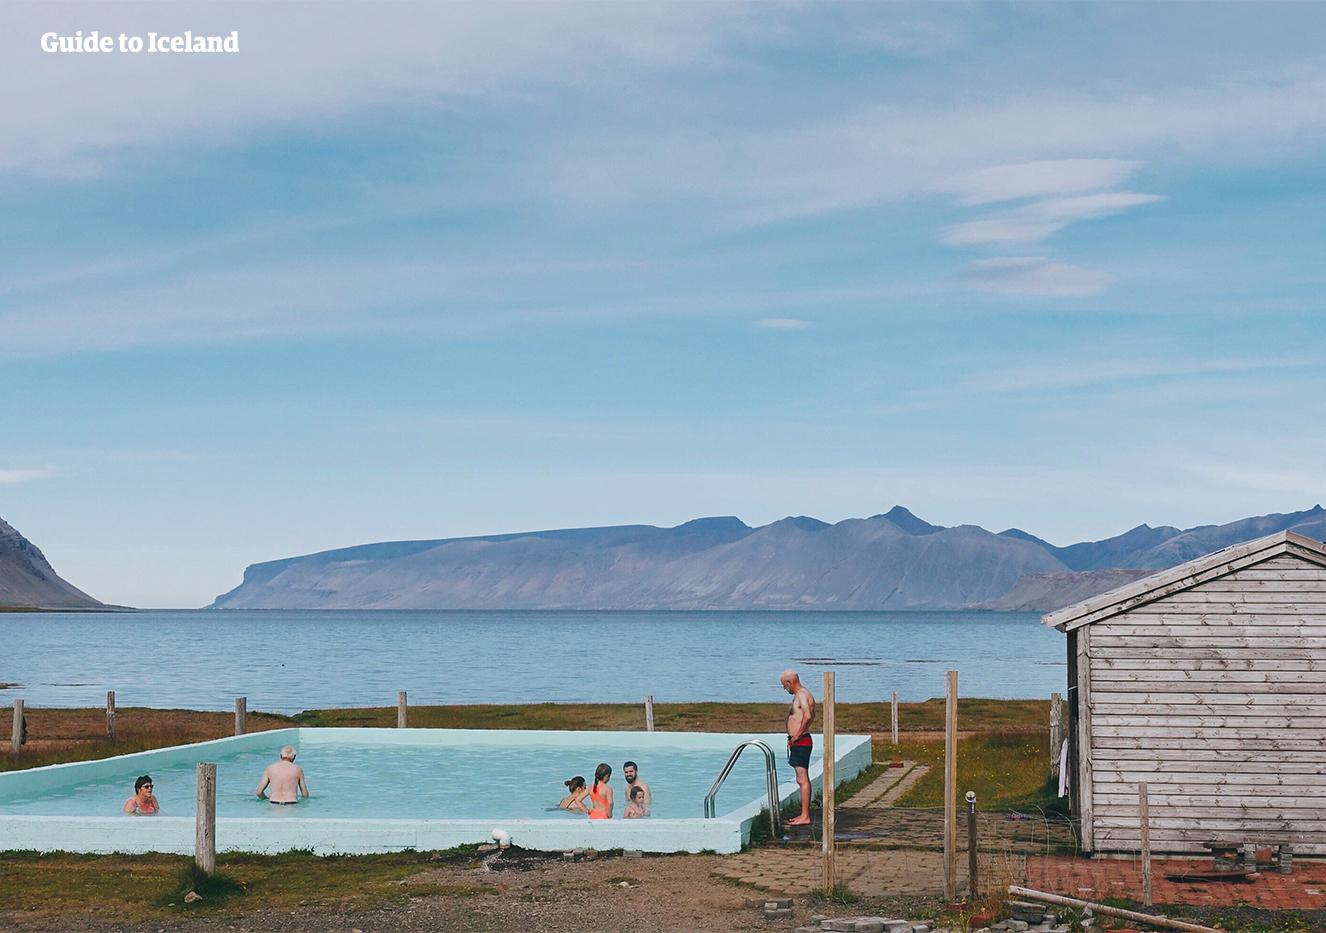 Das geothermale Schwimmbecken Reykjafardarlaug ist in den abgeschiedenen Westfjorden Islands zu finden.